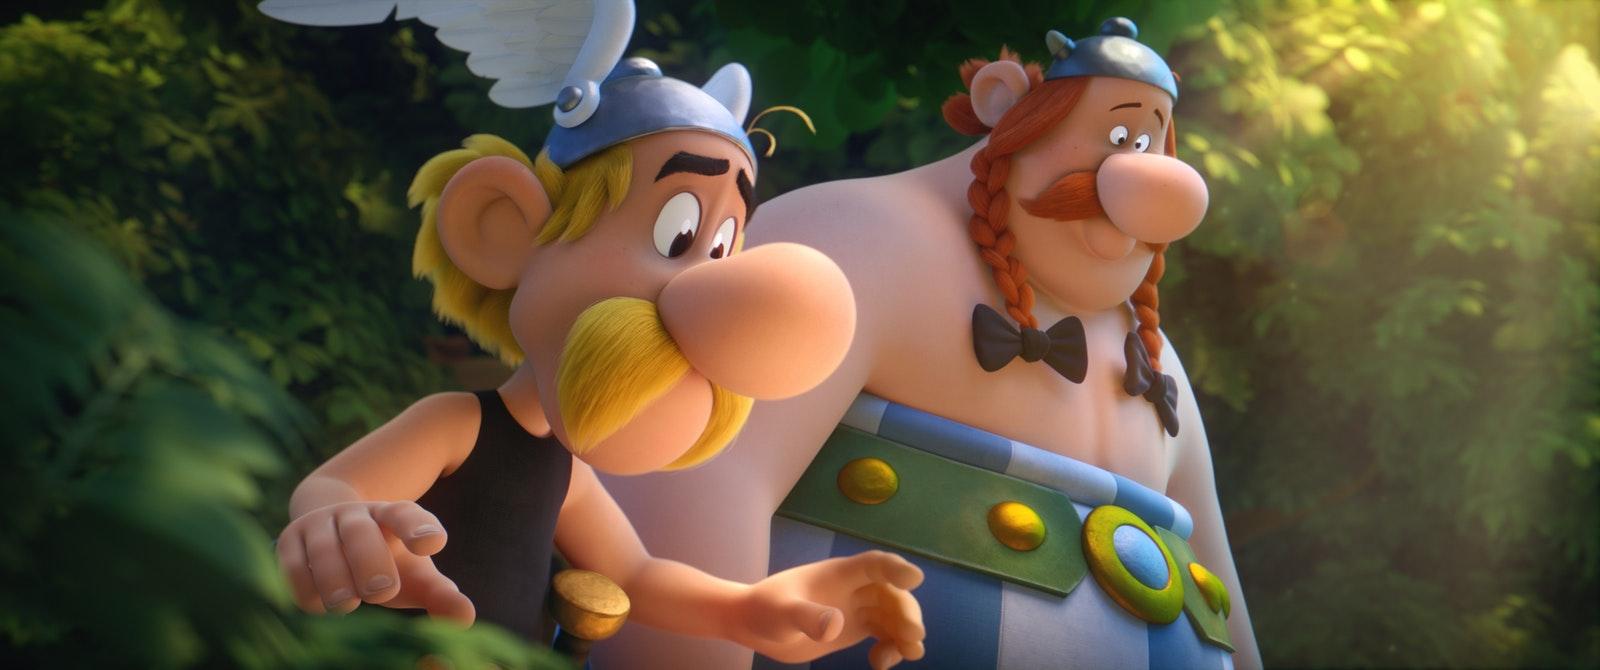 Asterix-Het-Geheim-van-de-Toverdrank